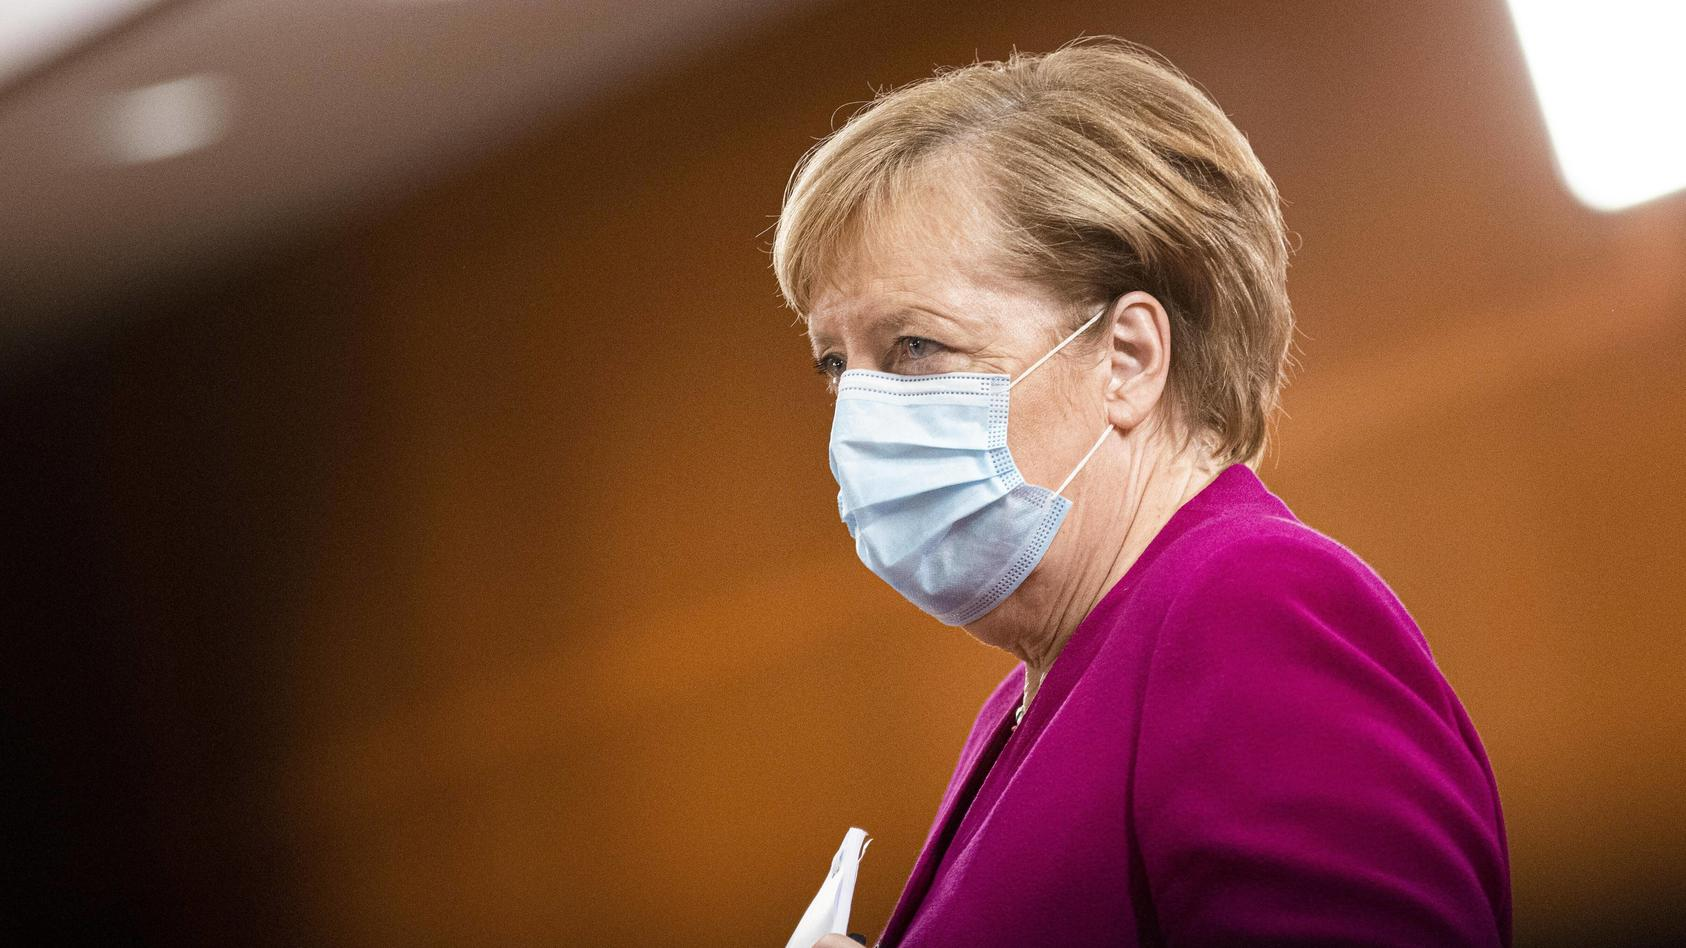 Angela Merkel, Bundeskanzlerin, aufgenommen im Rahmen der woechentlichen Sitzung des Kabinetts in Berlin, 14.10.2020. B